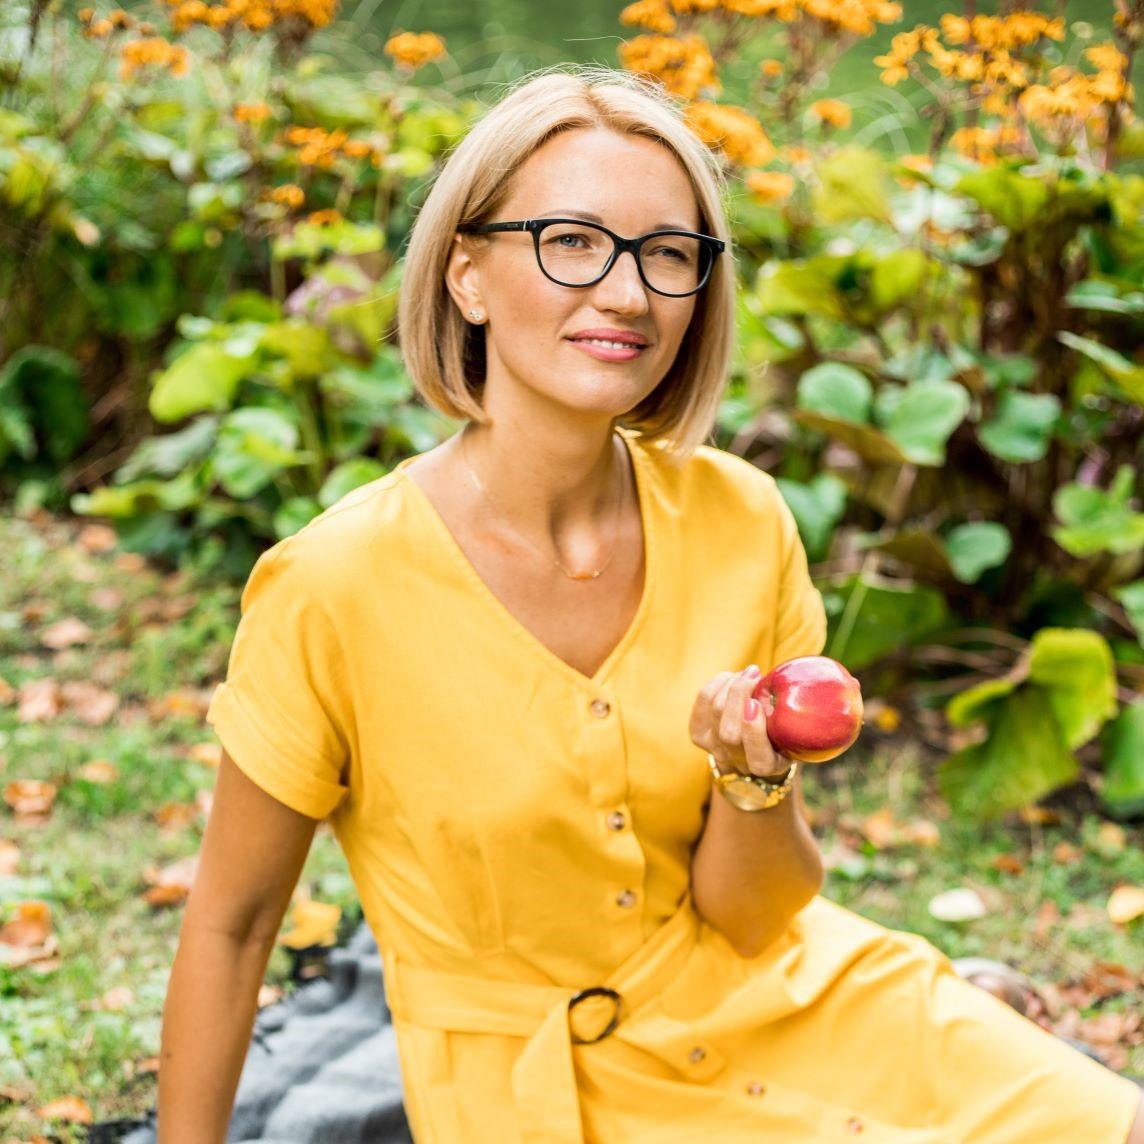 Psychodietetyka Diet Coach Agata Jasińska Szczęście od kuchni Kurs Intuicyjnego Odchudzania